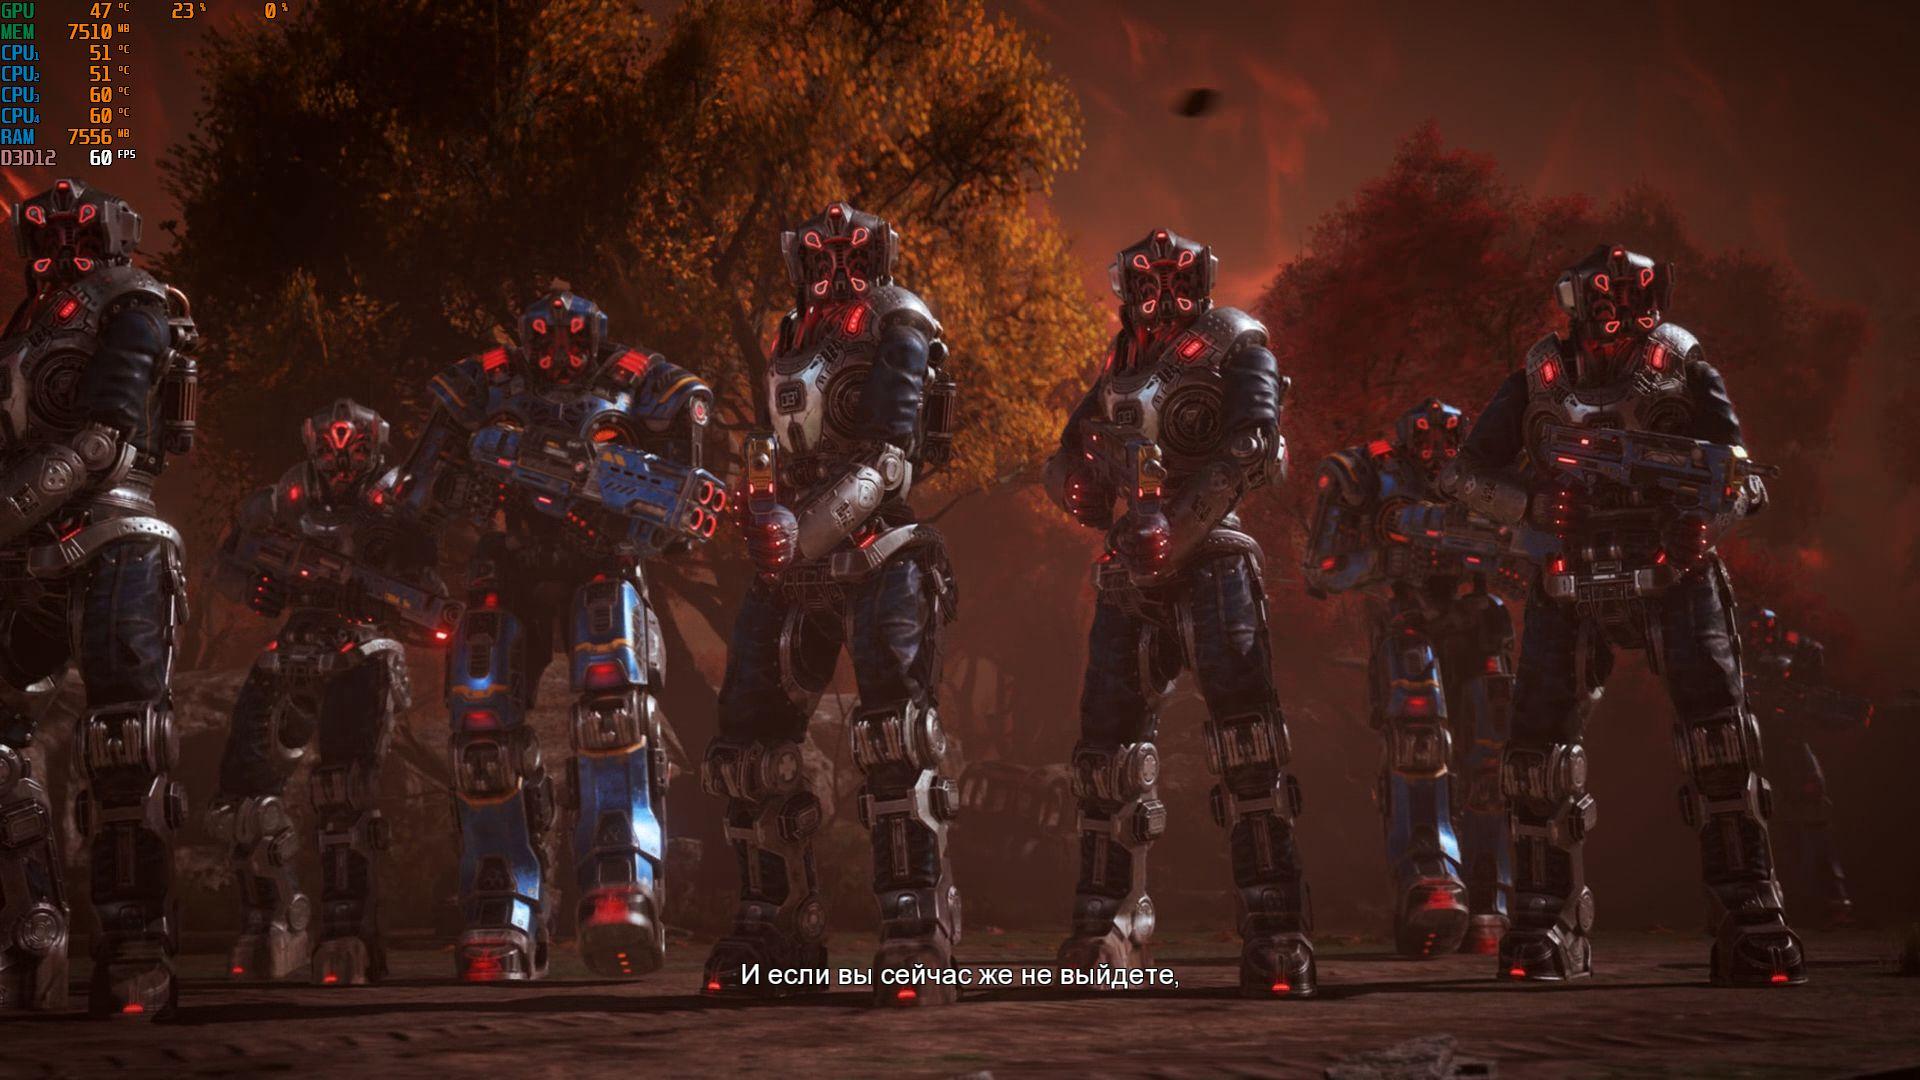 00028.Jpg - Gears of War 4